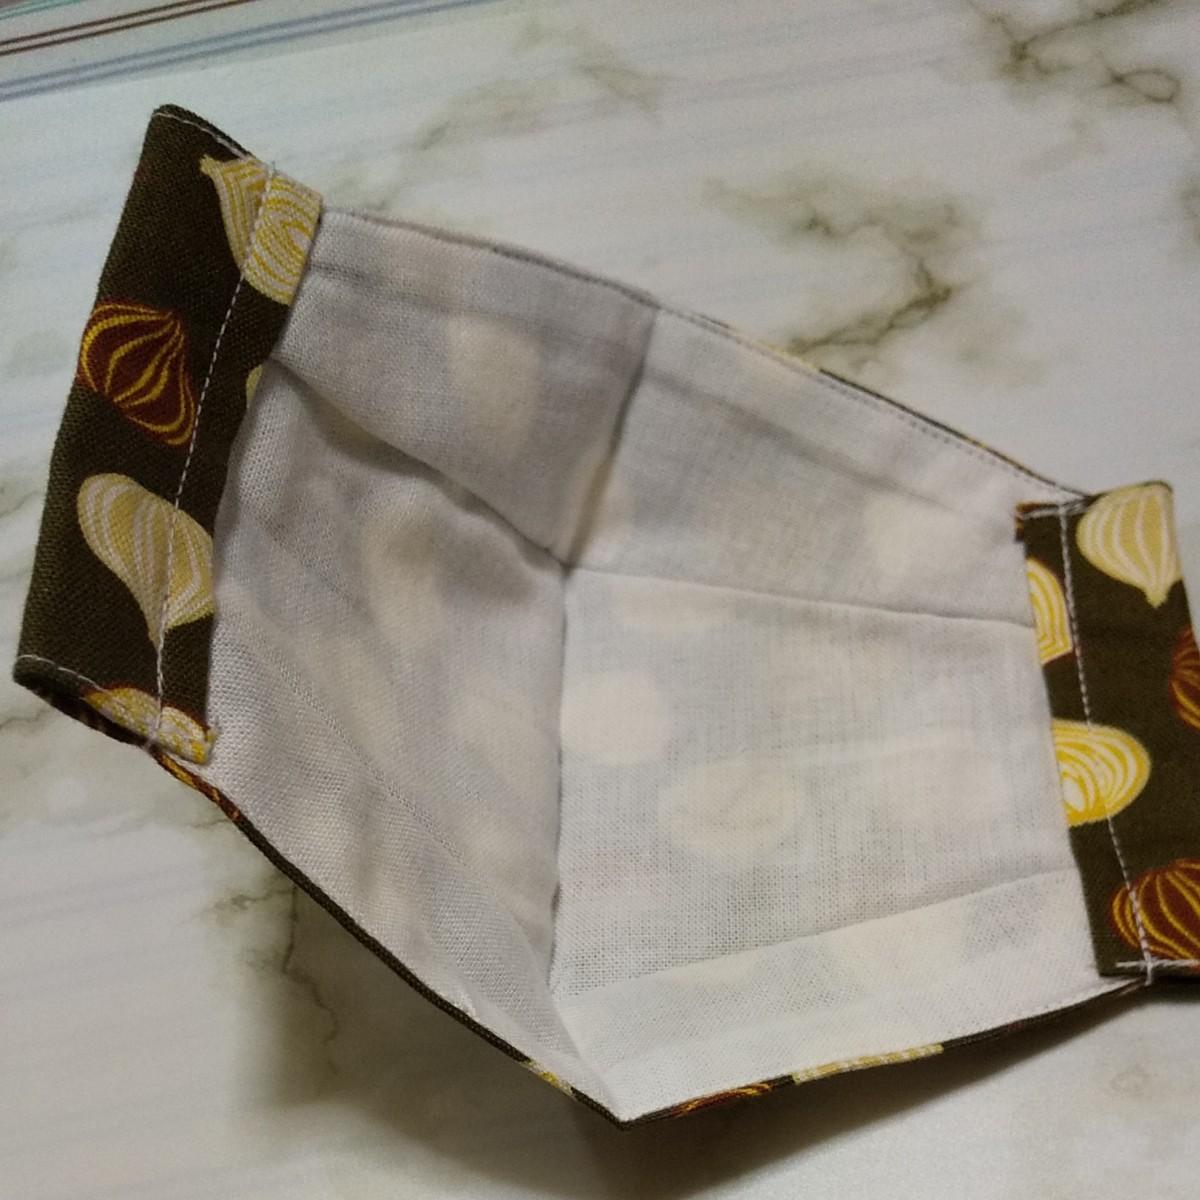 インナーマスク 大臣風 船形 ボックス 大人用サイズ 玉ねぎ柄 キノコ柄セット